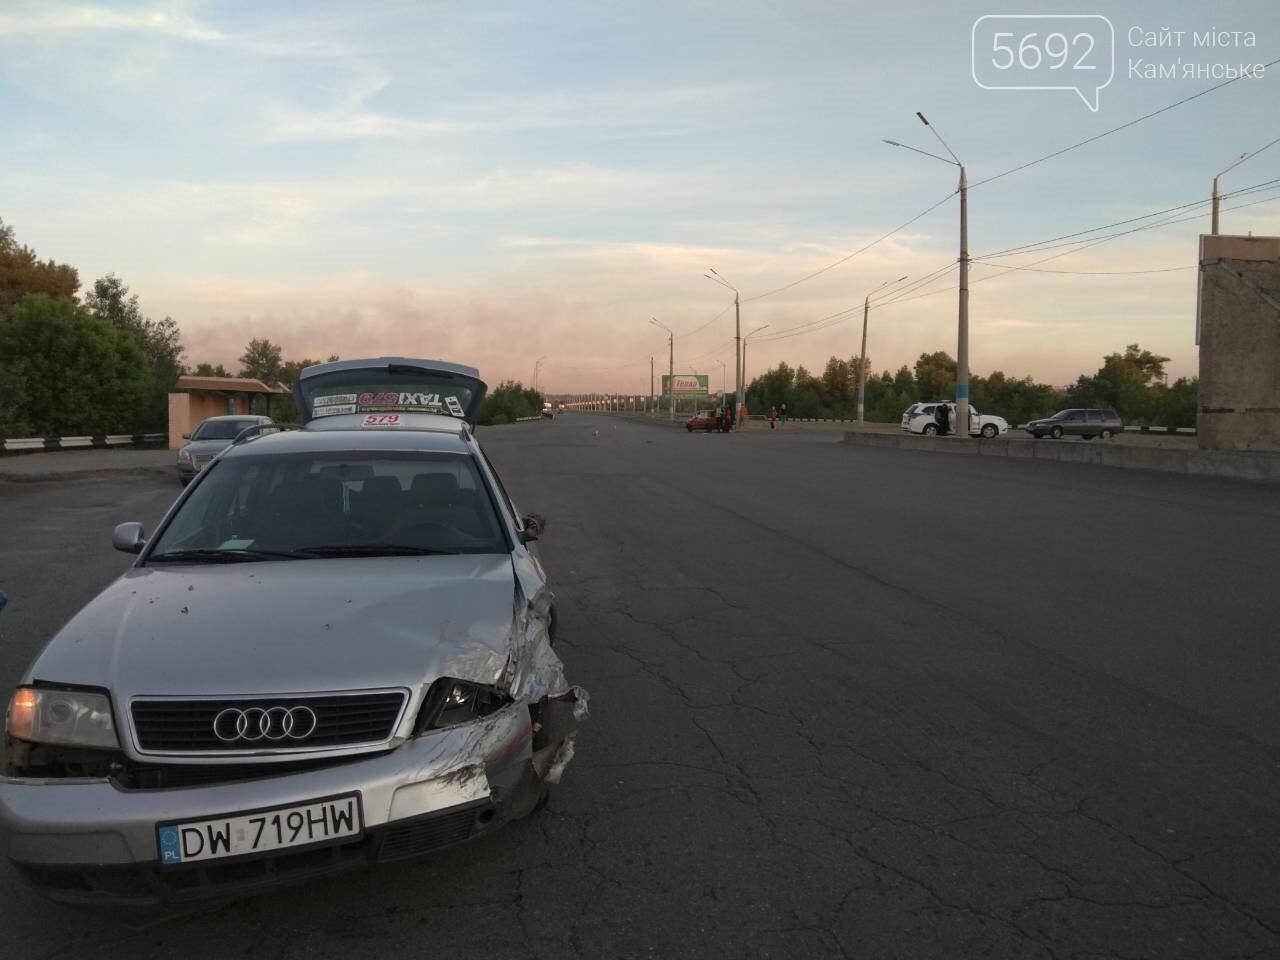 В Каменском столкнулись Ауди и ВАЗ, фото-3